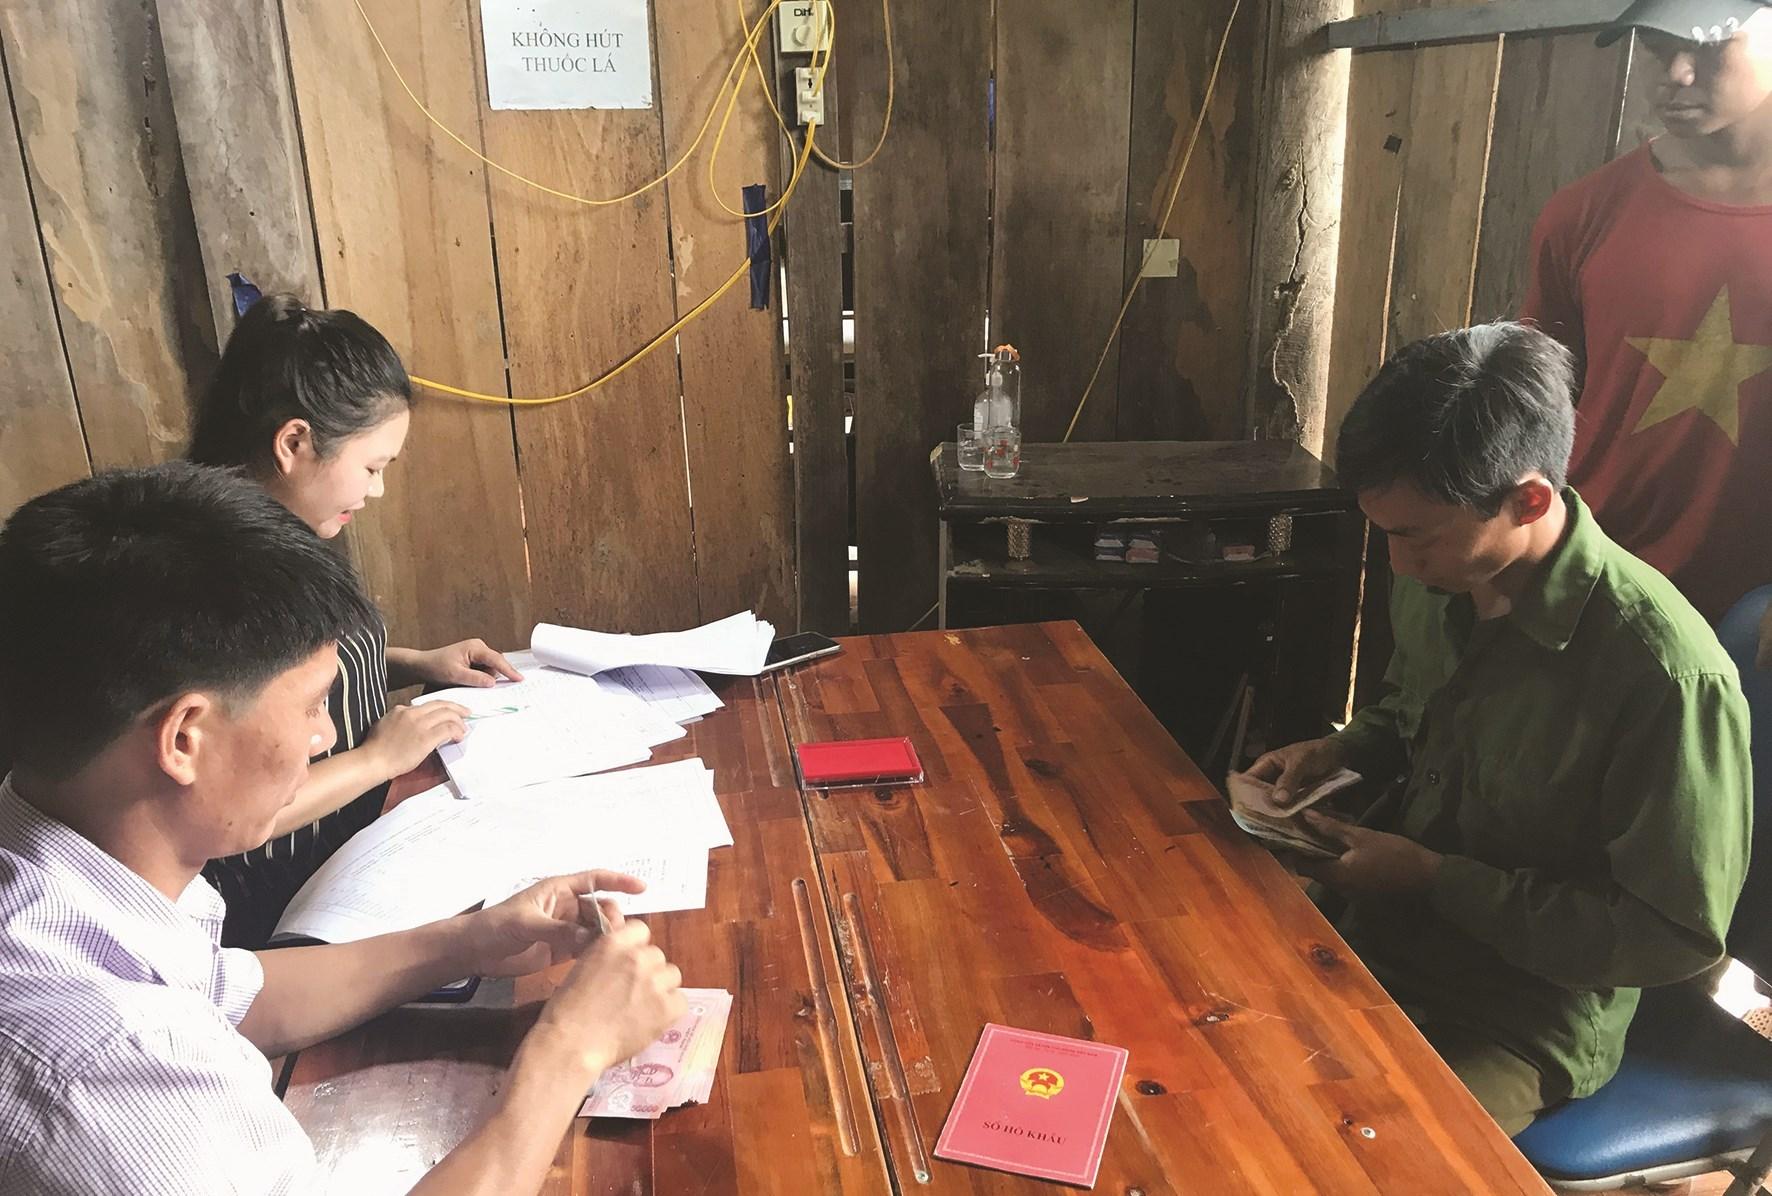 UBND xã Nậm Chà, huyện Nậm Nhùn (Lai Châu) tiến hành chi trả hỗ trợ người dân gặp khó khăn do ảnh hưởng của dịch Covid-19